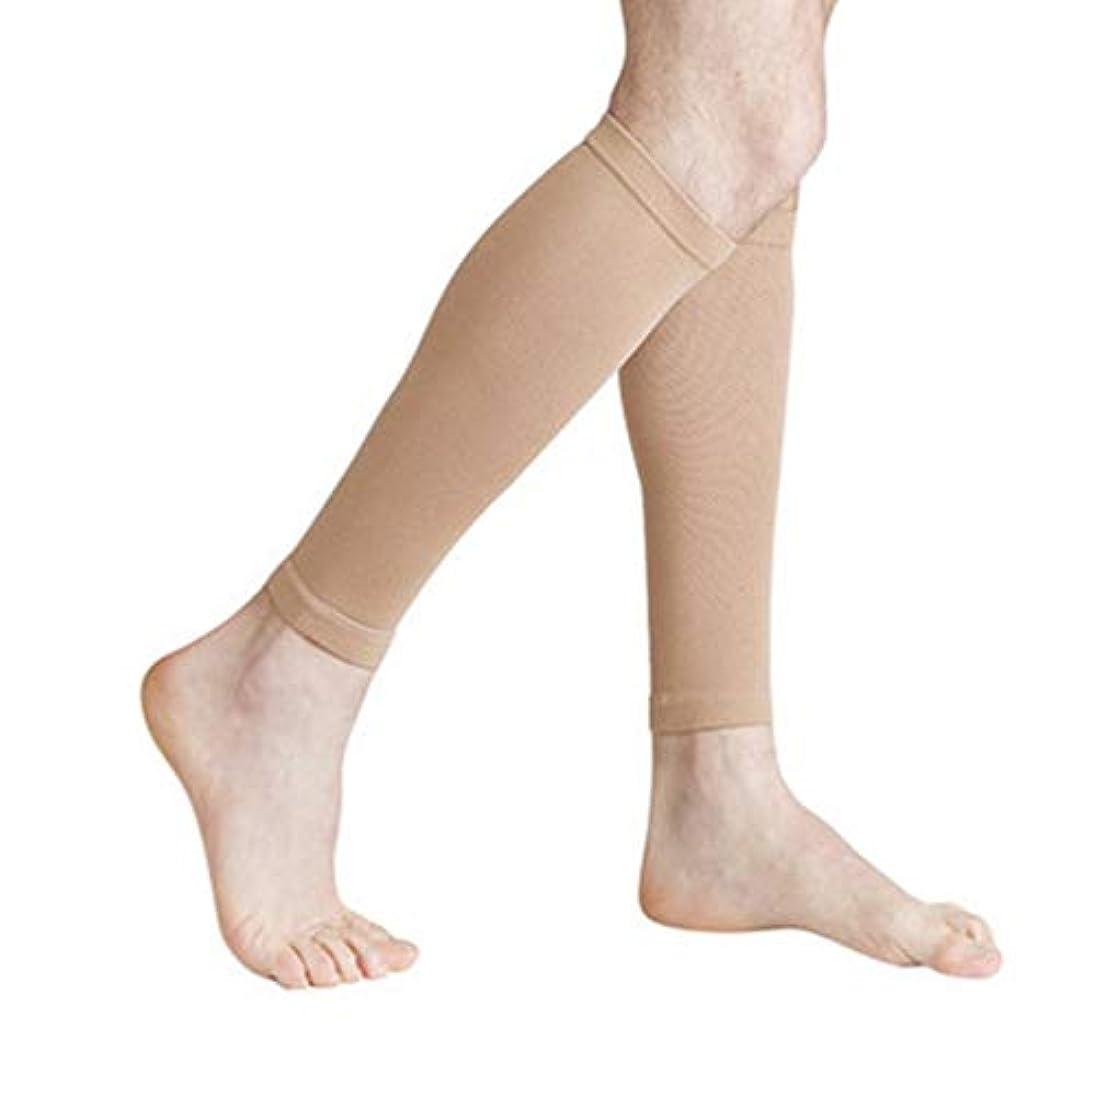 目覚めるモジュール中国丈夫な男性女性プロの圧縮靴下通気性のある旅行活動看護師用シントスプリントフライトトラベル - 肌色